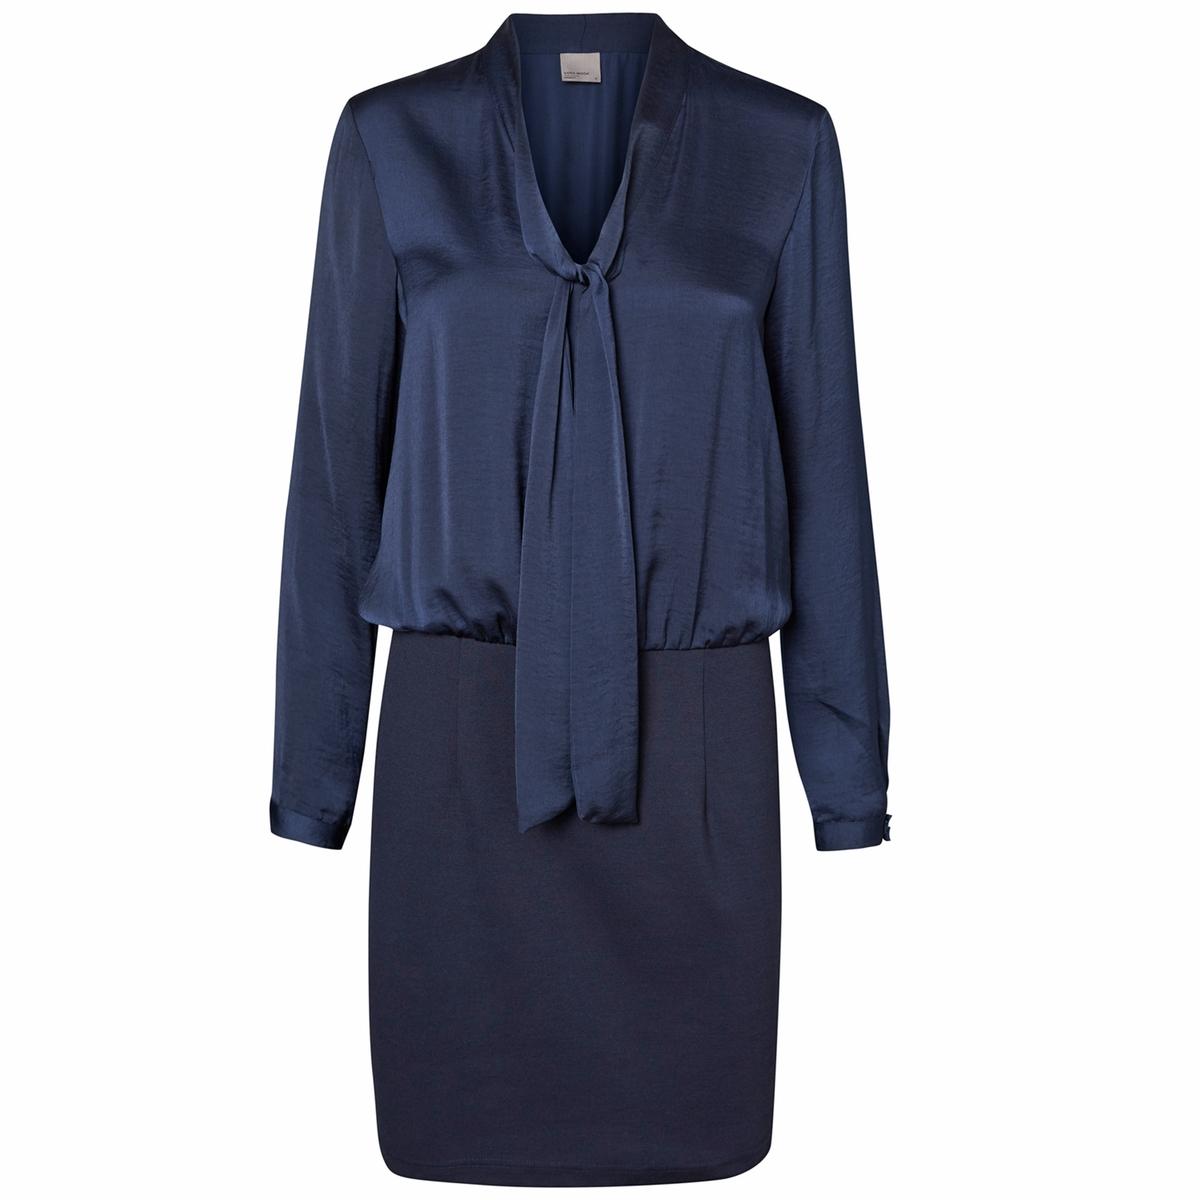 Платье короткое, с длинными рукавами, однотонноеМатериал : 100% полиэстер  Длина рукава : длинные рукава  Форма воротника : V-образный вырез Покрой платья : платье прямого покроя   Рисунок : однотонная модель   Длина платья : укороченная модель<br><br>Цвет: темно-синий,черный<br>Размер: XL.L